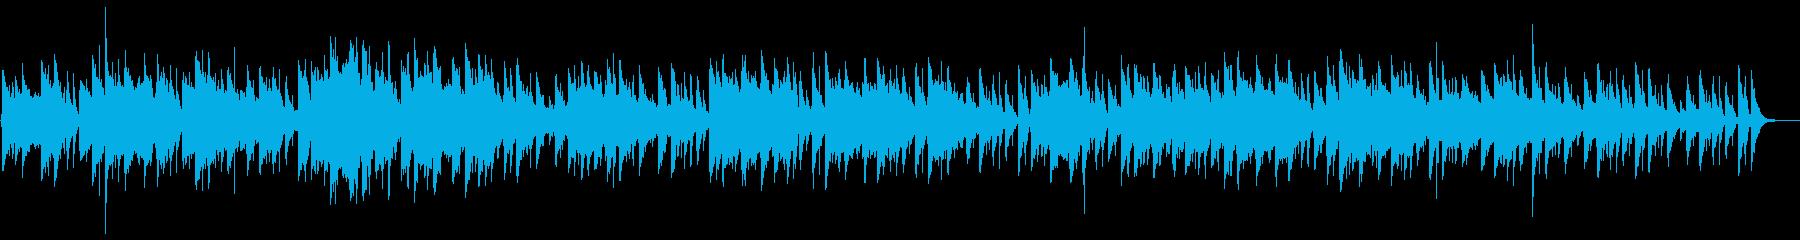 世界 勝利者 静か エスニック フ...の再生済みの波形